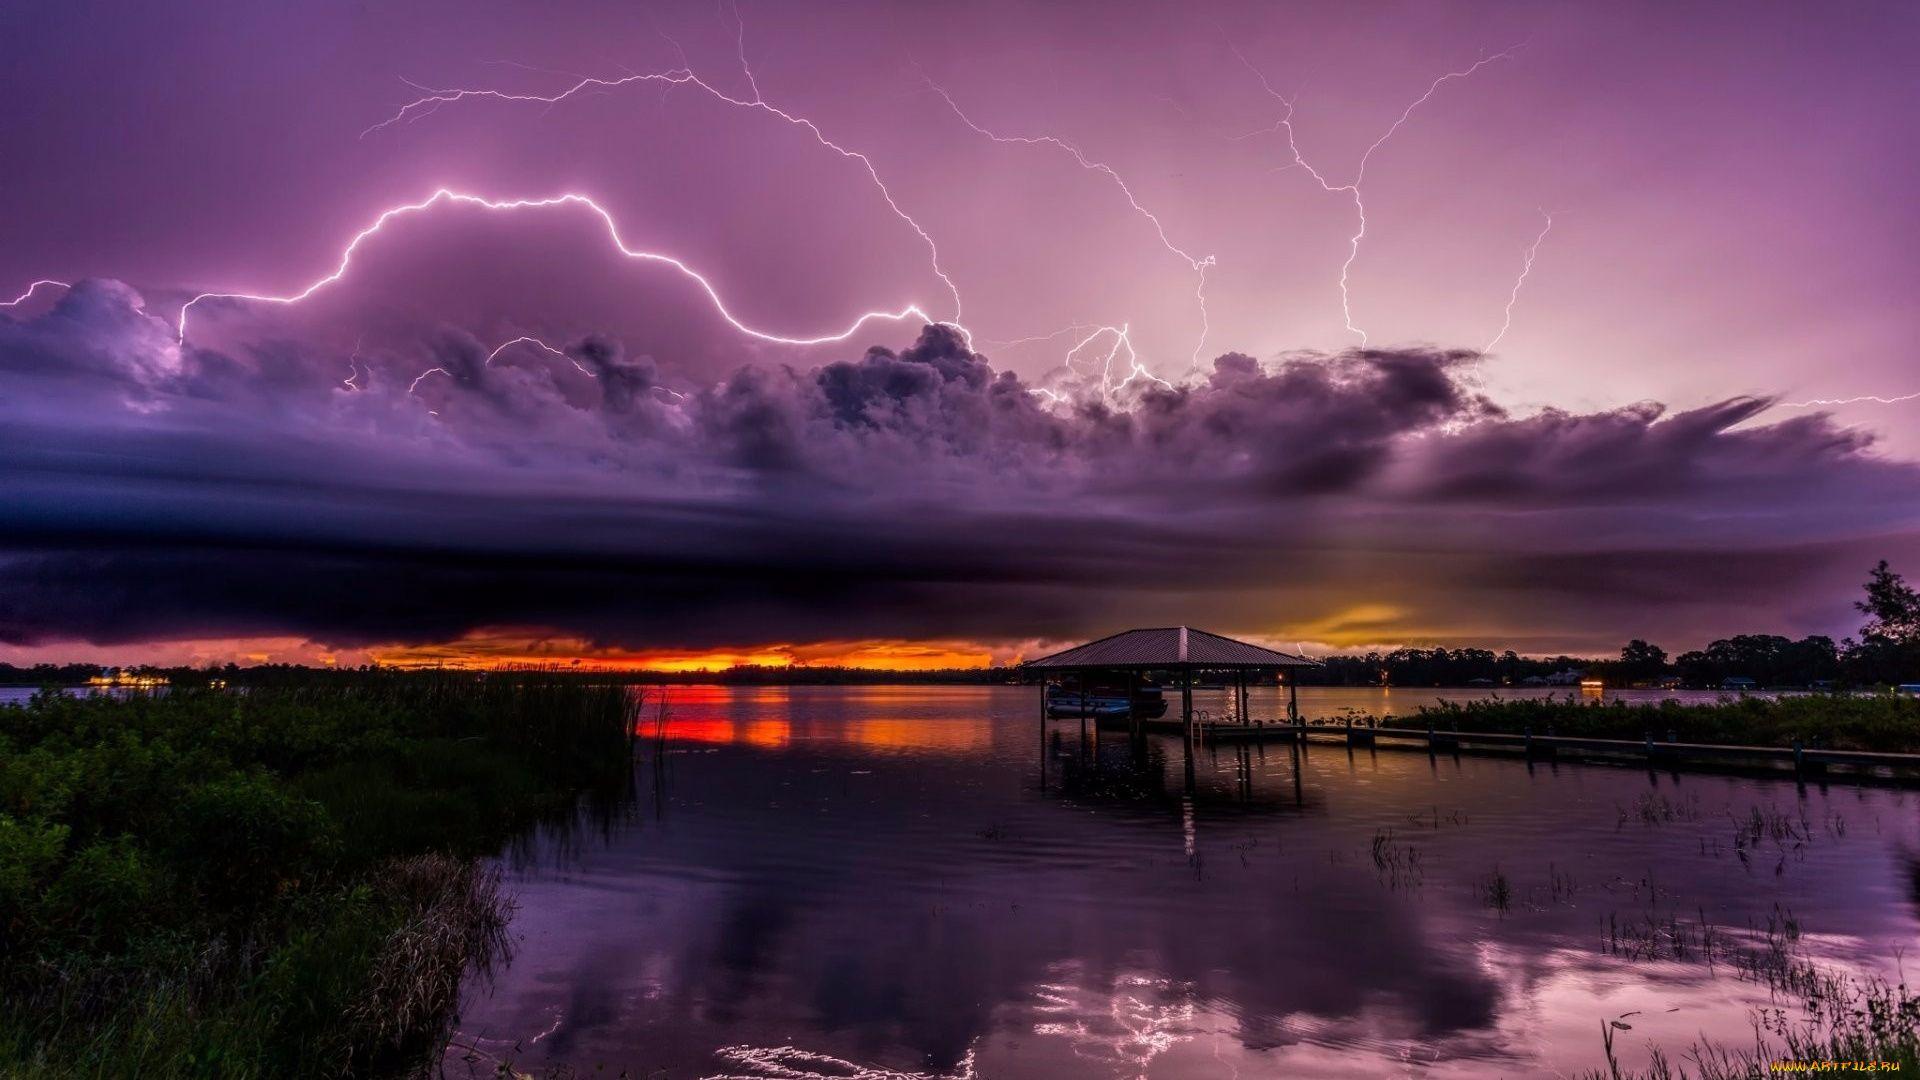 Storm Beautiful Photo